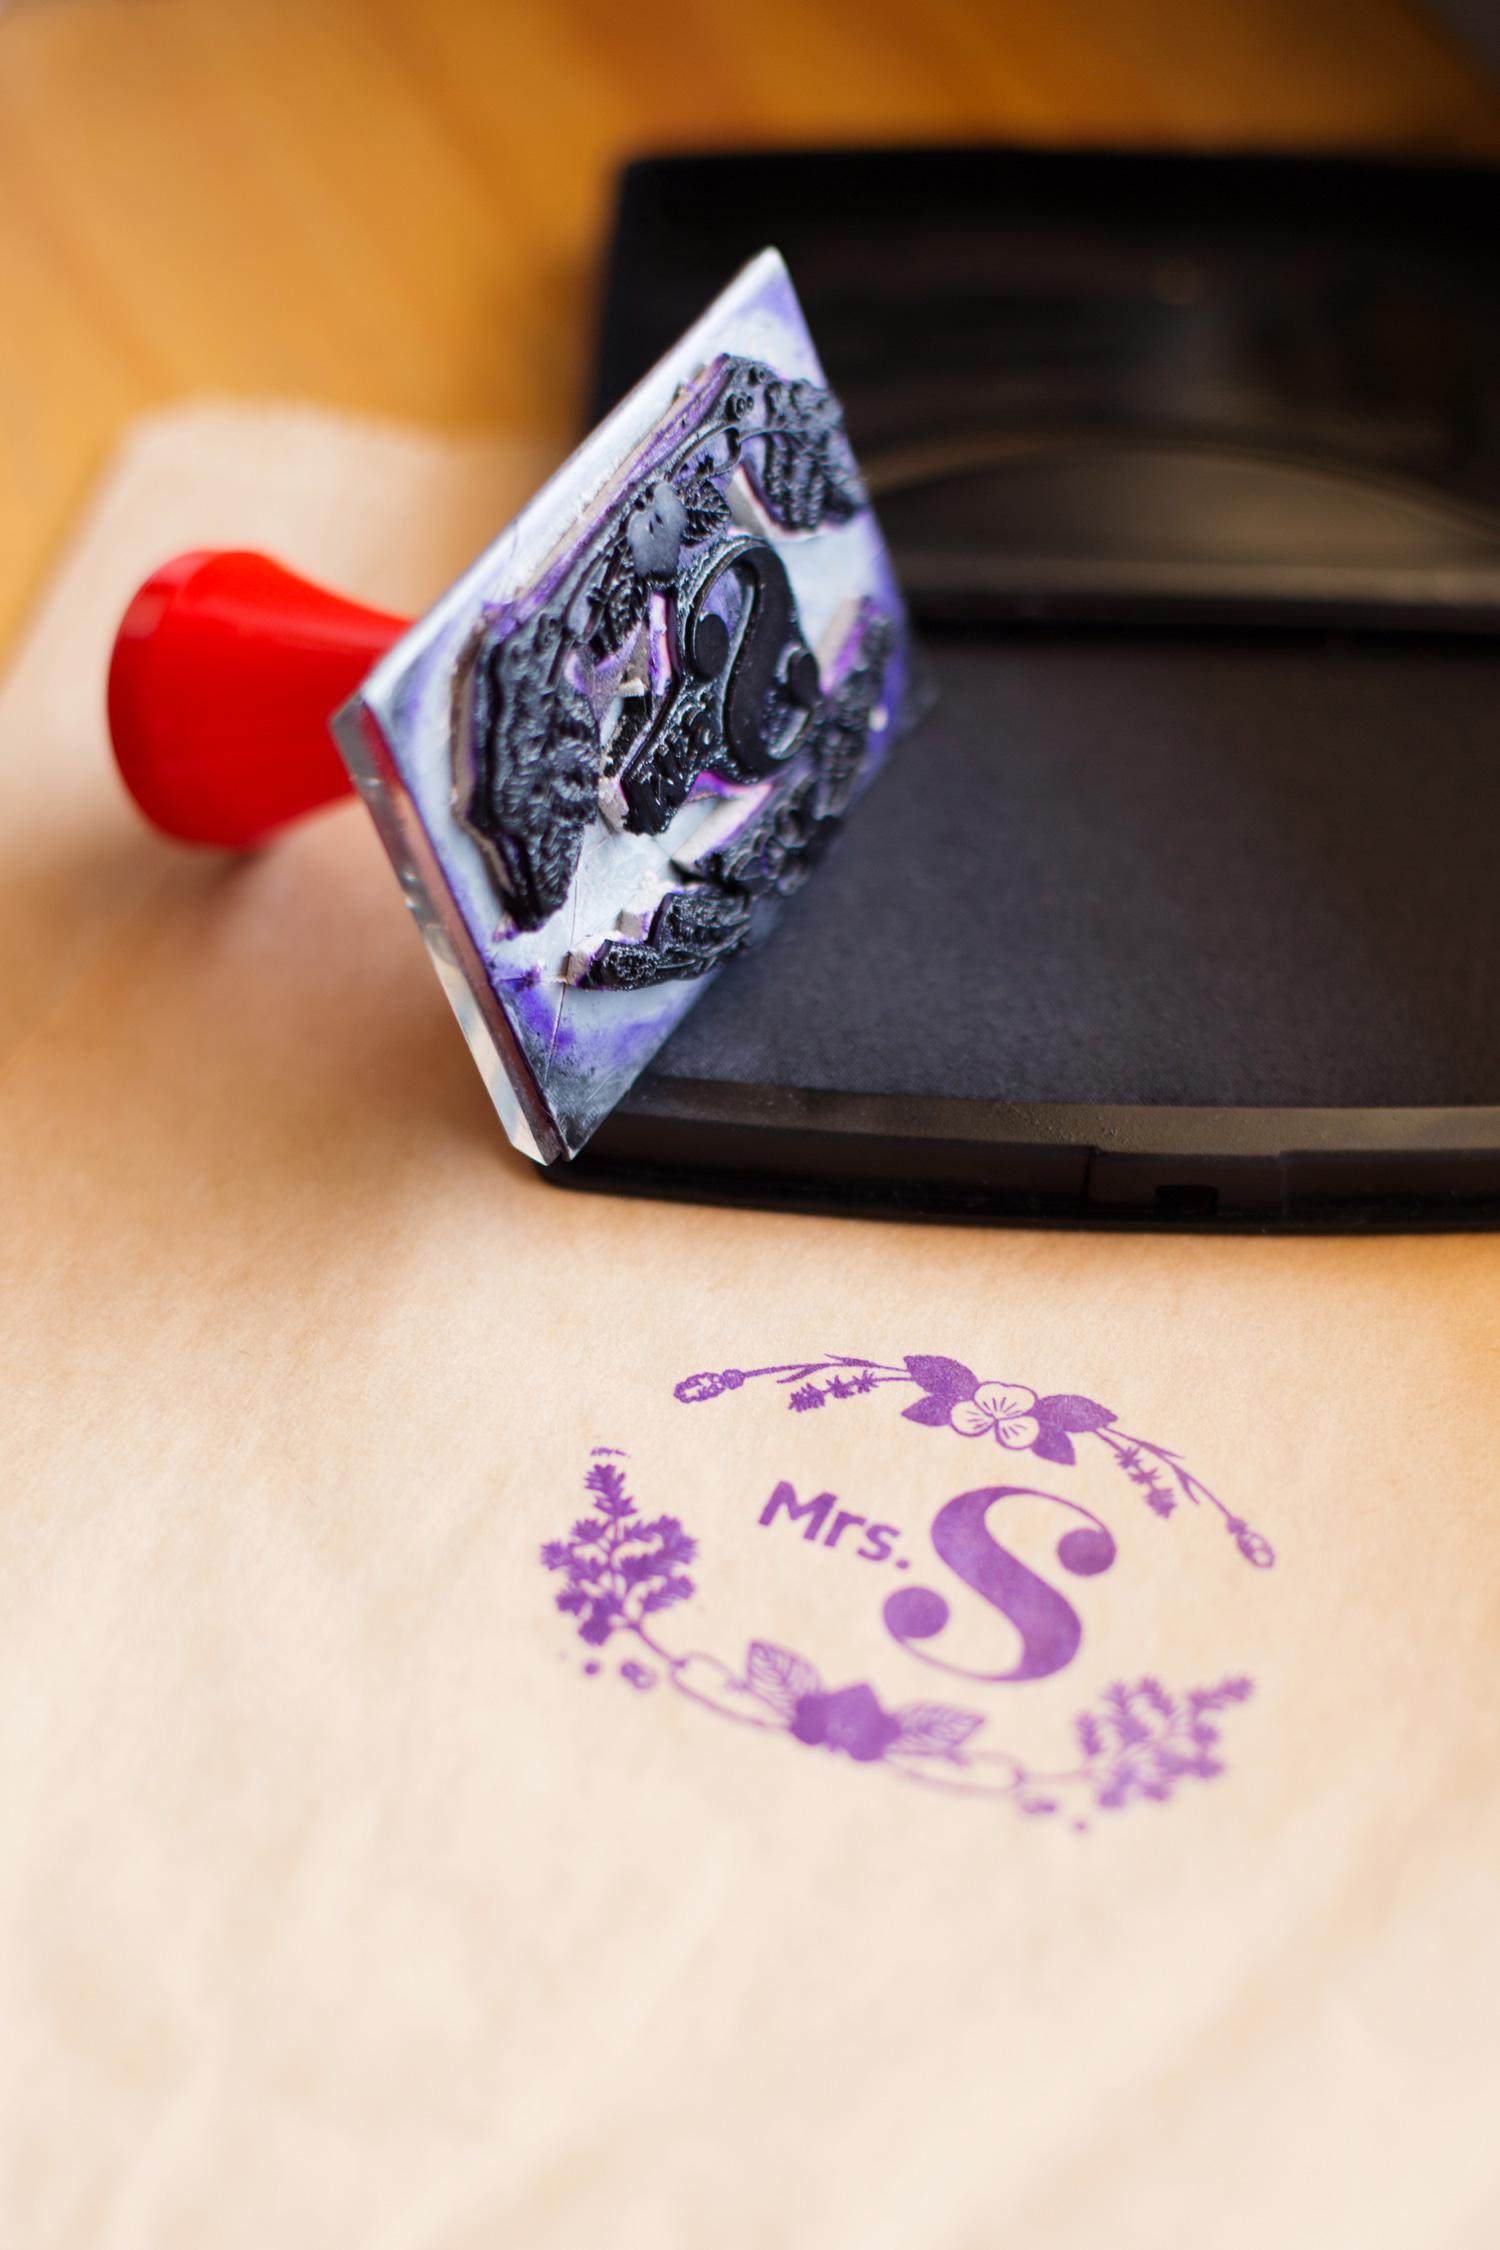 mrss-stamp